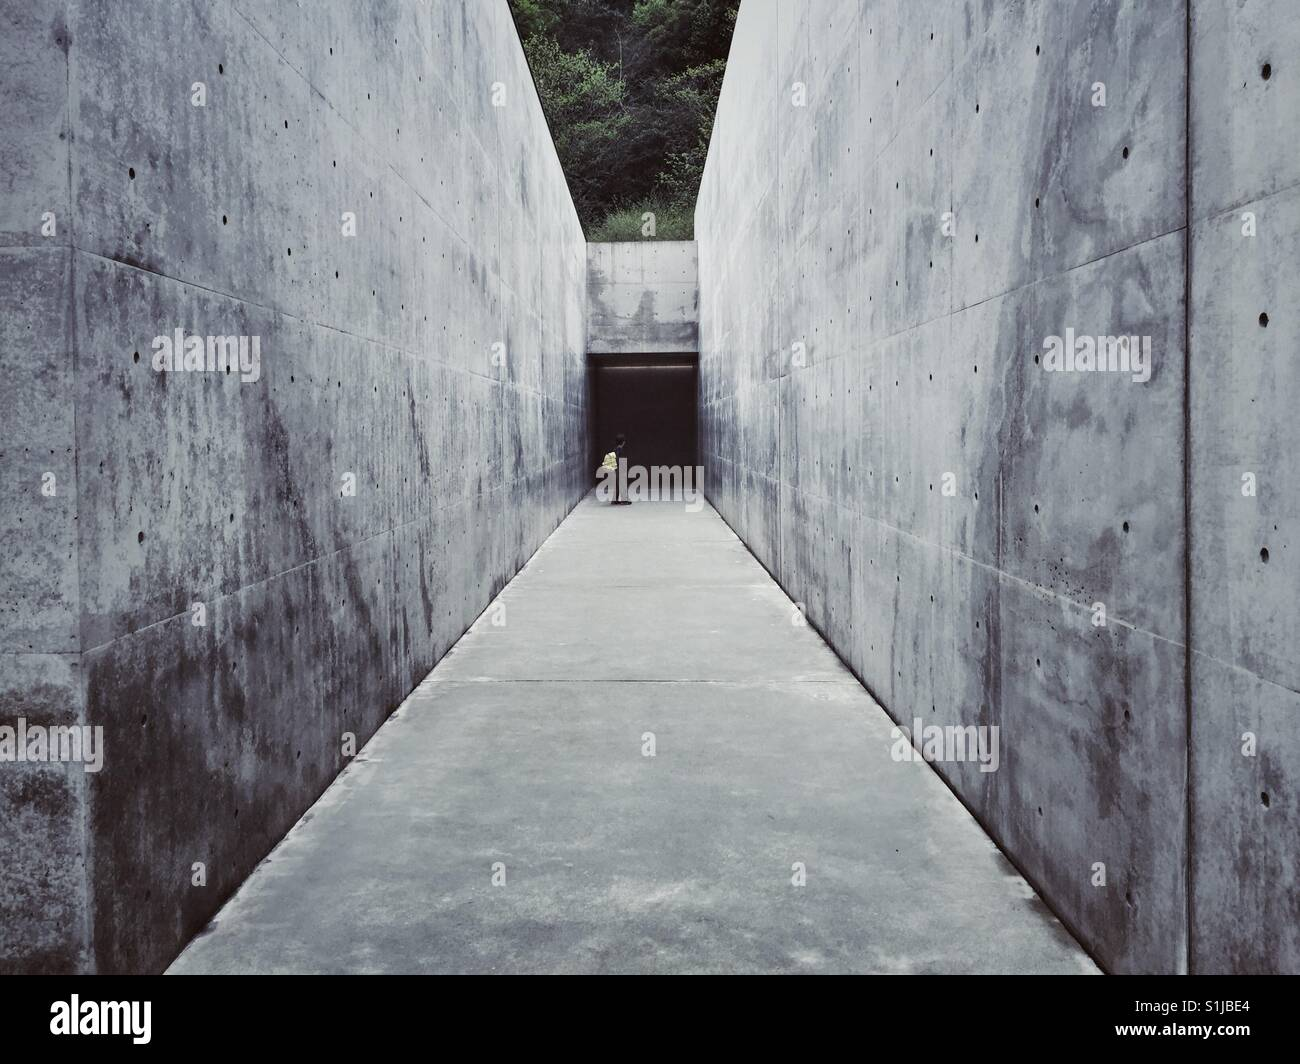 Lee Ufan museo progettato da Tadao Ando sull isola di Naoshima in Giappone Immagini Stock